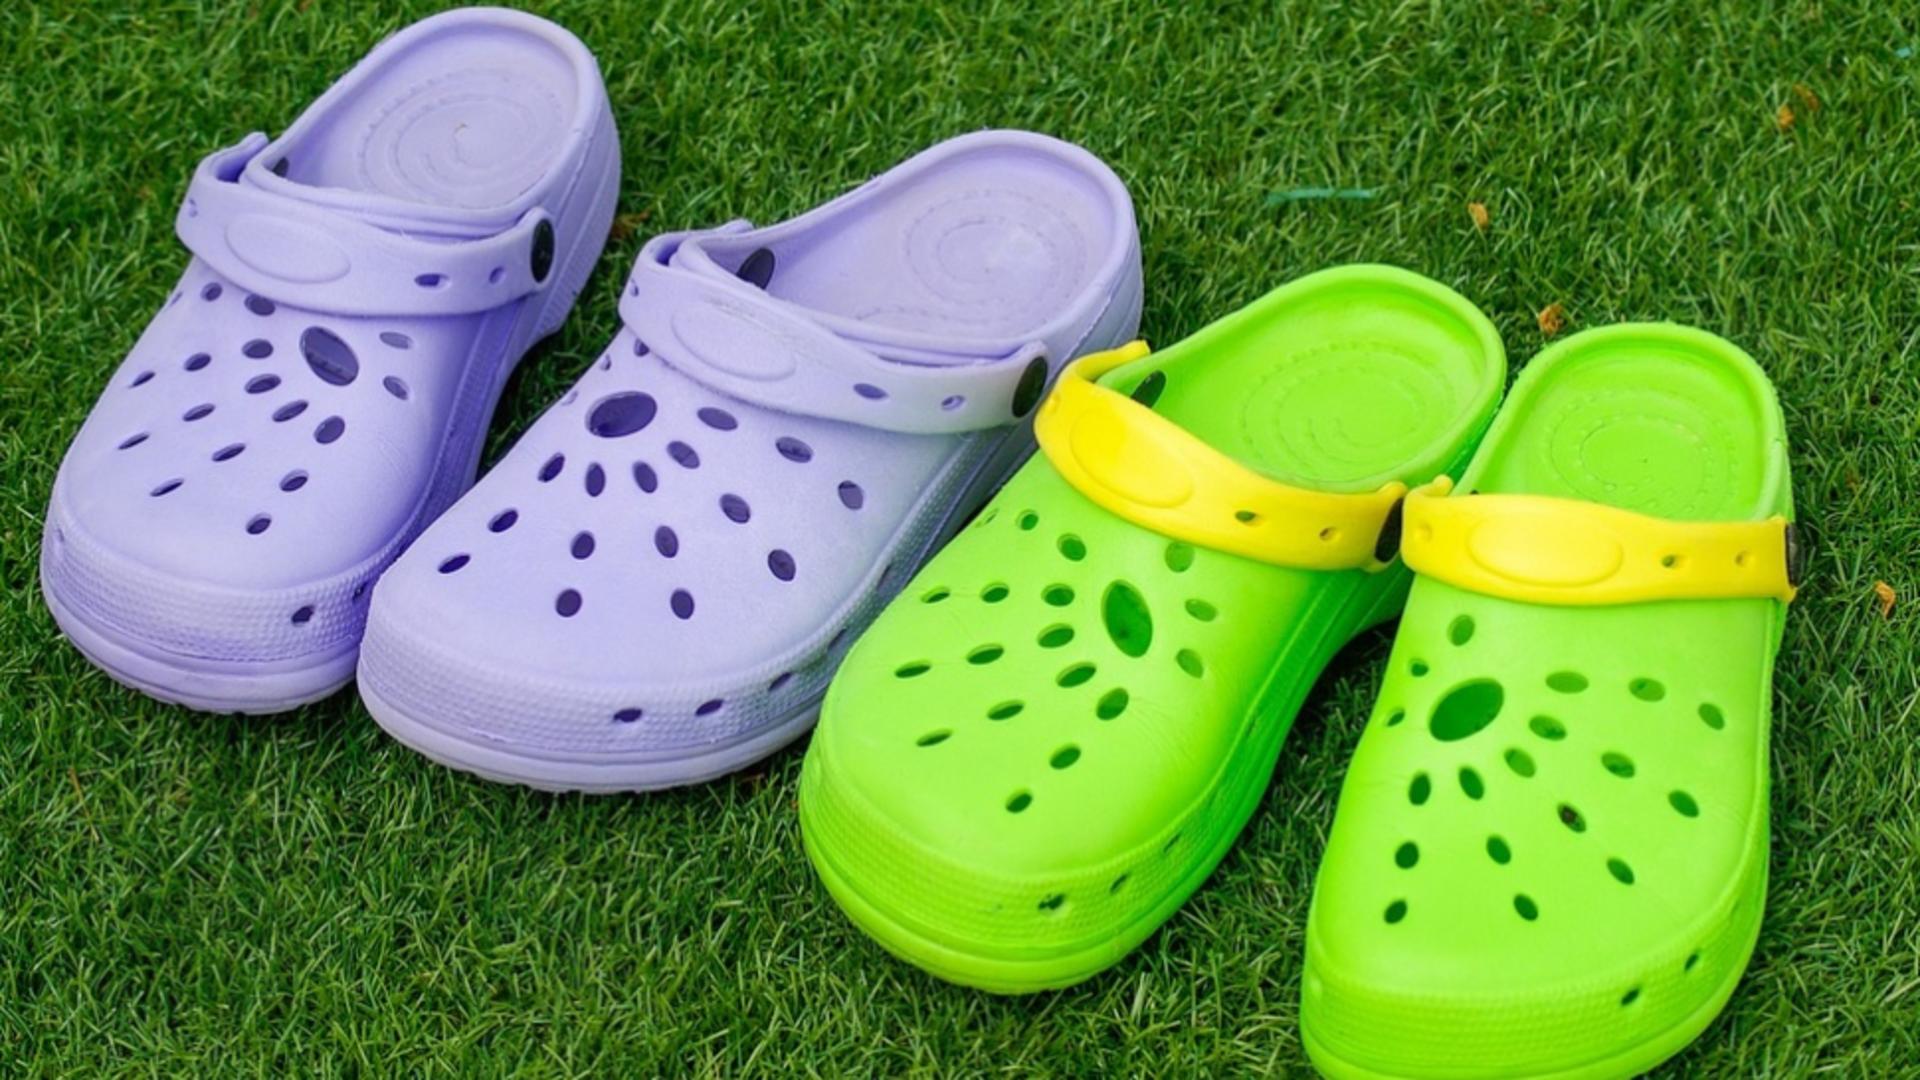 Sandalele de plastic pot fi periculoase pentru sănătate